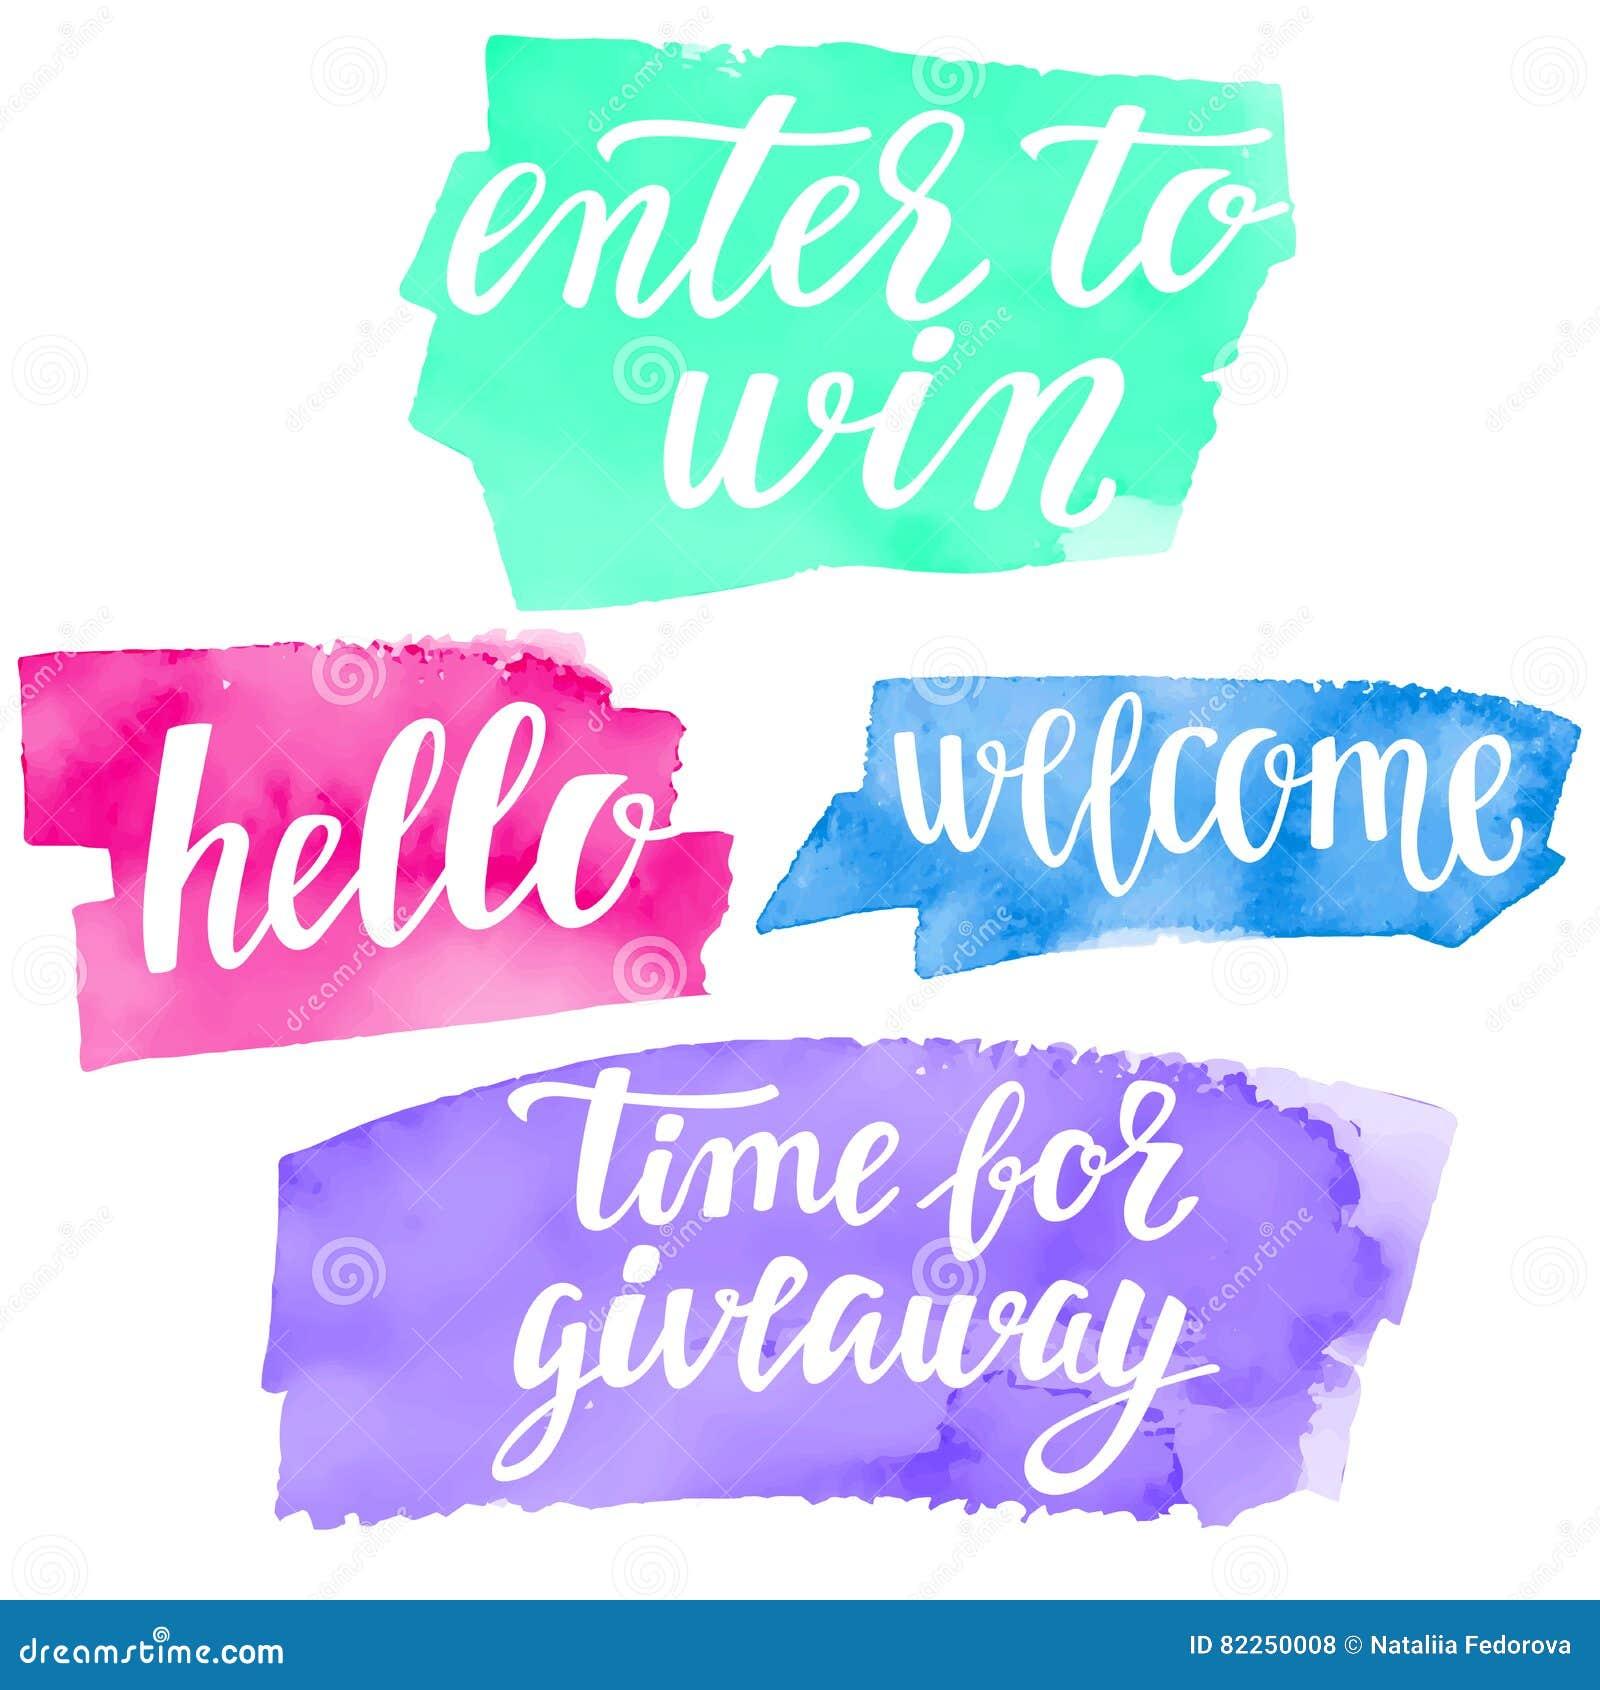 Giveaway enter